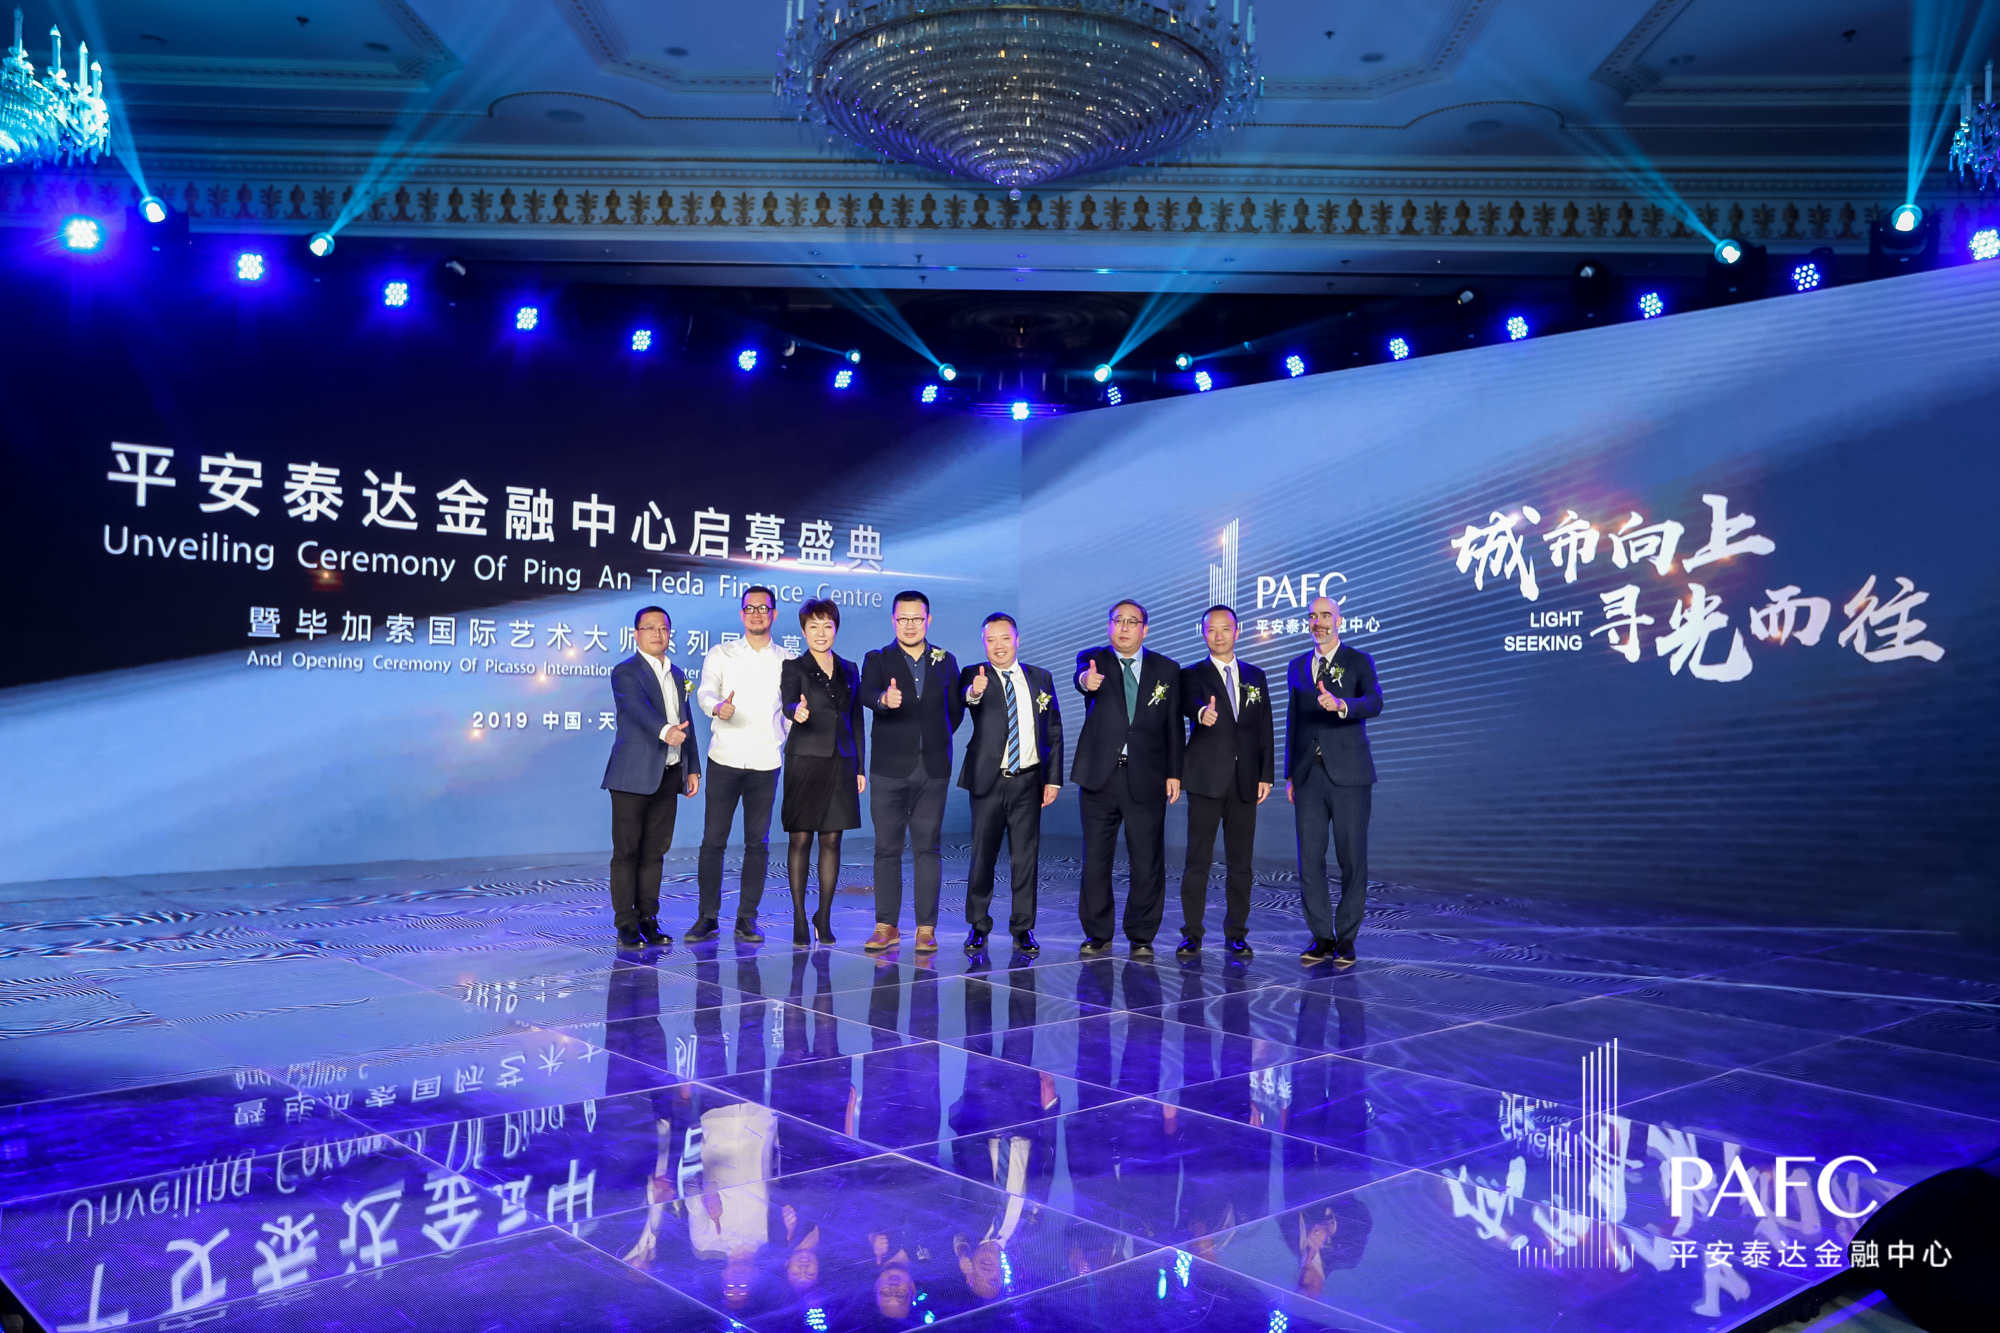 天津平安泰达金融中心启幕盛典 暨毕加索国际艺术大师系列展开幕仪式隆重举行-中国网地产